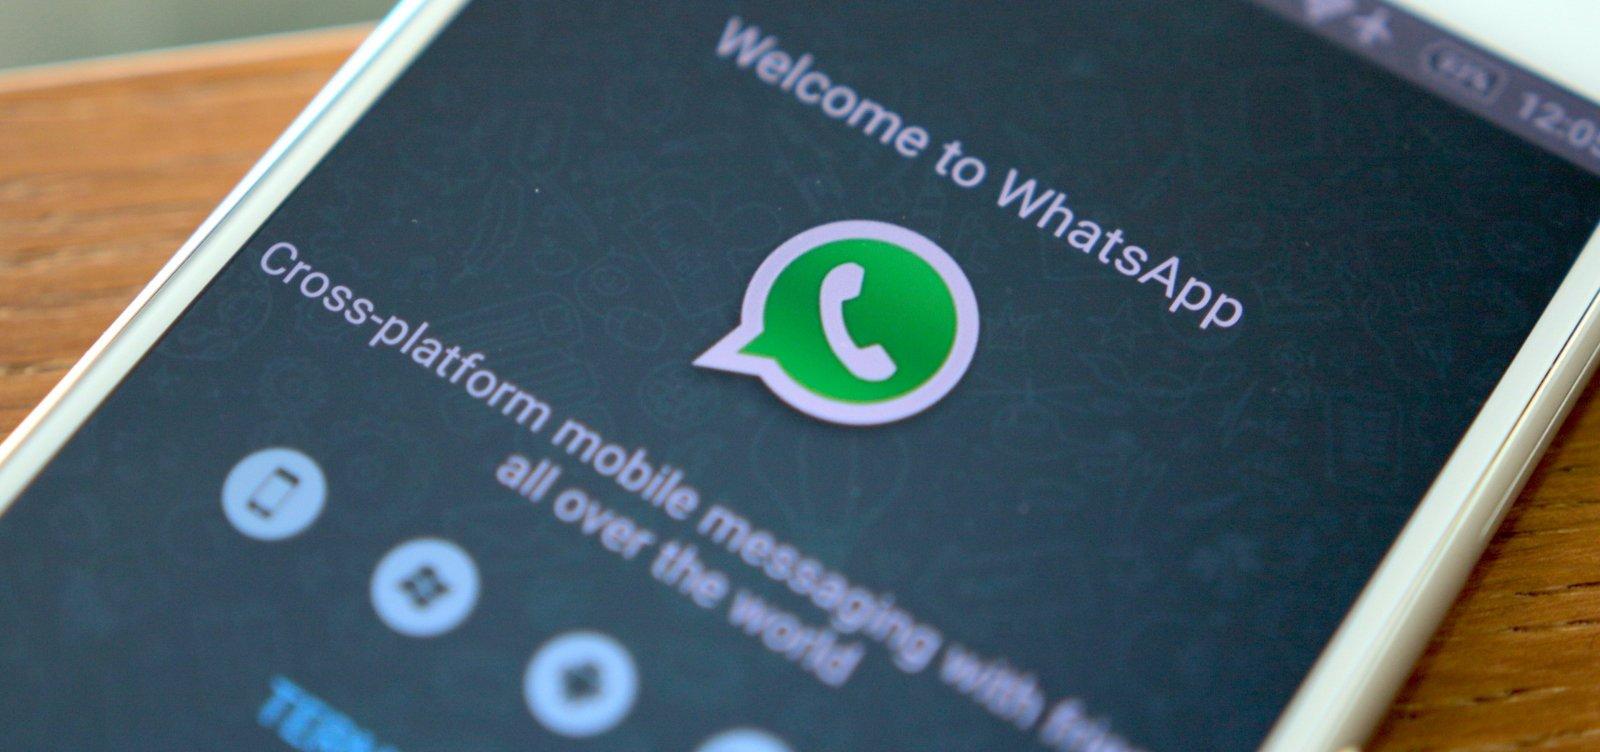 [WhatsApp não terá como limitar número de encaminhamentos de mensagens antes do 2º turno]